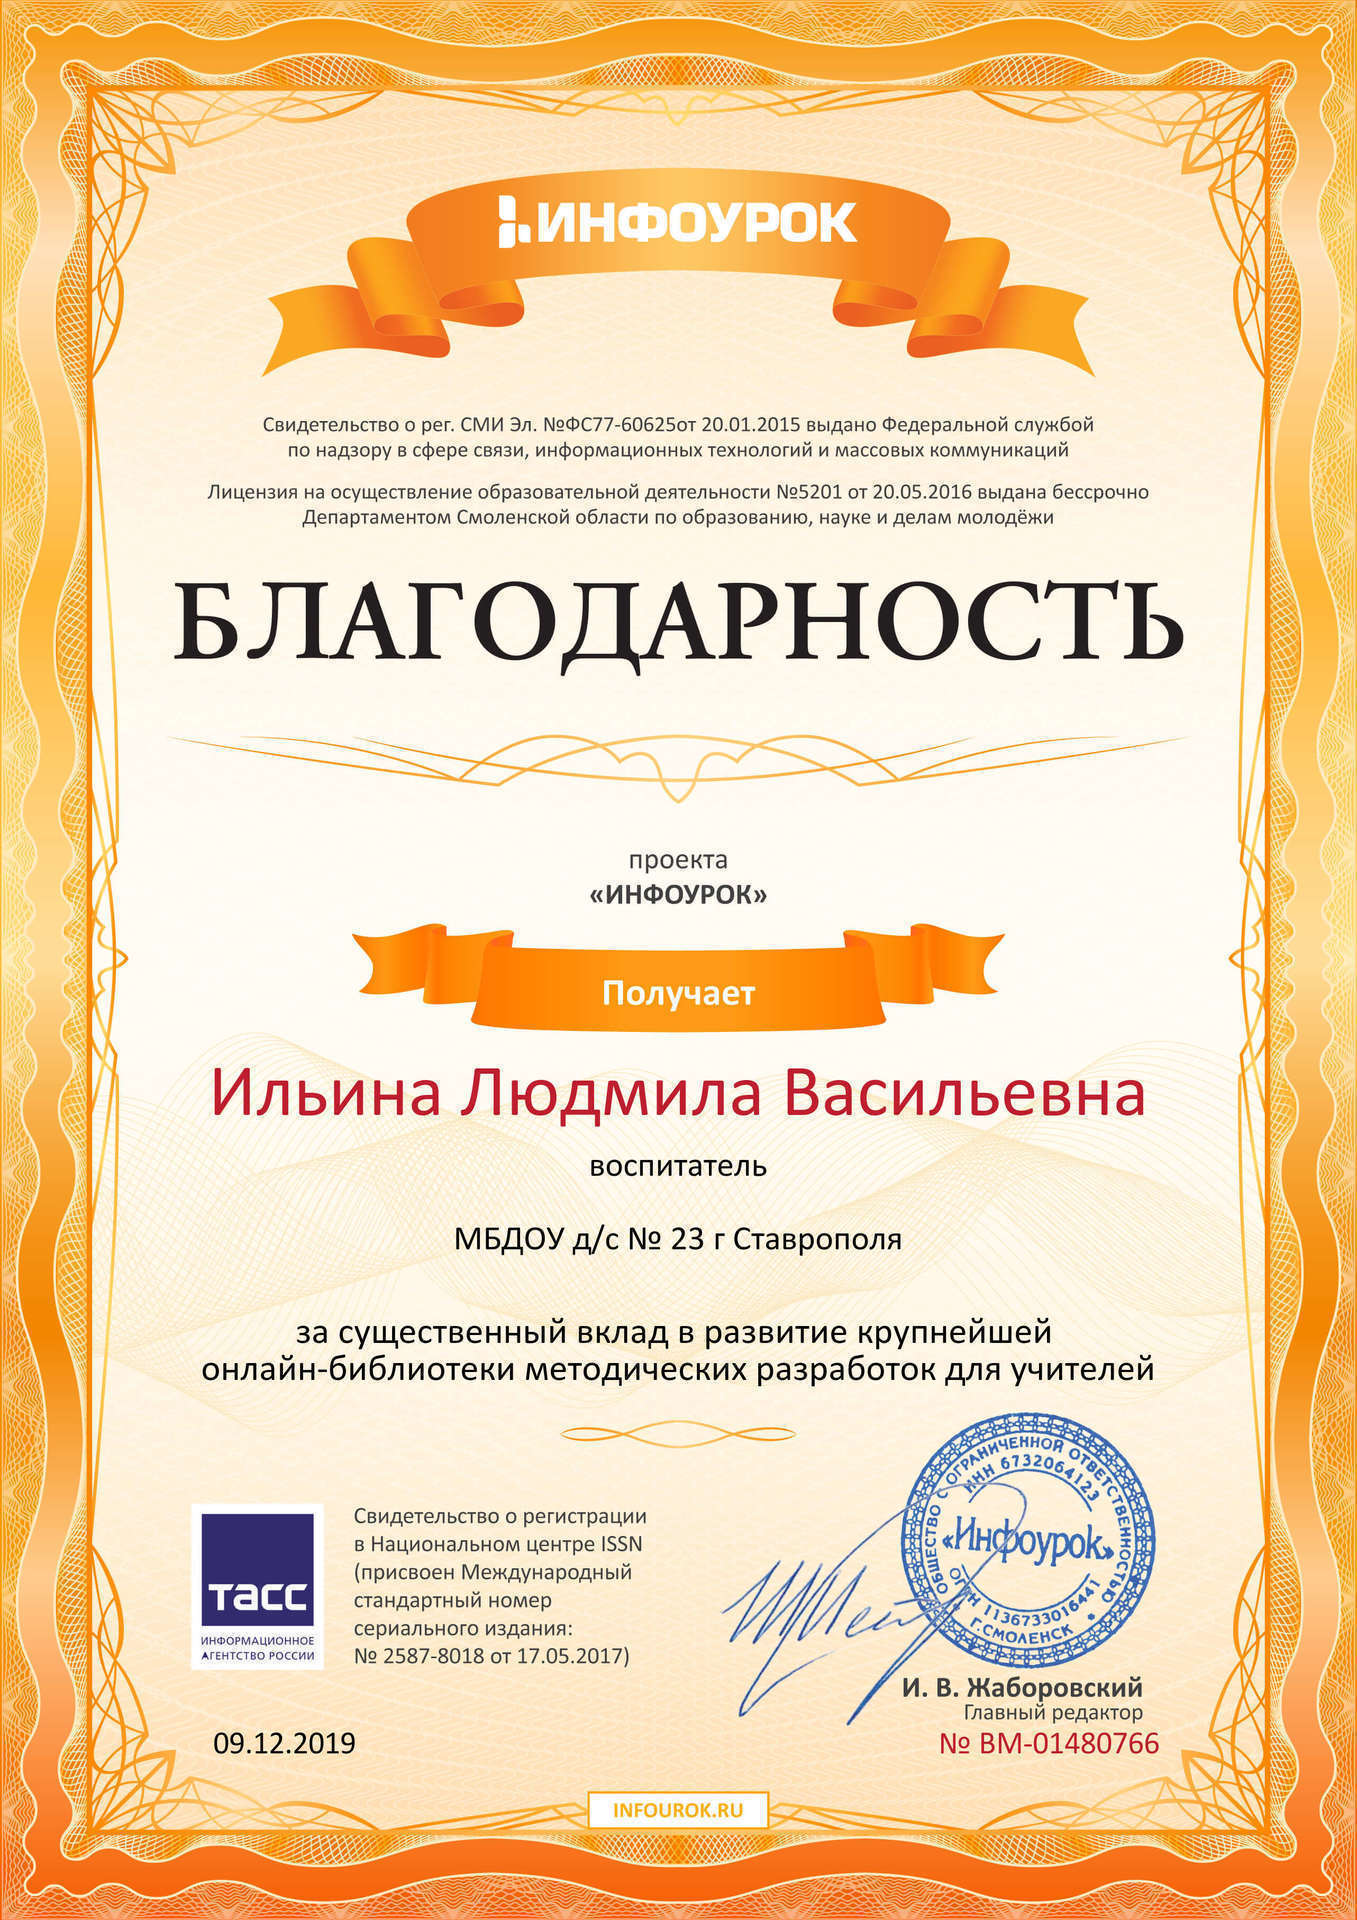 Свидетельство-проекта-infourok.ru-№1480766-1